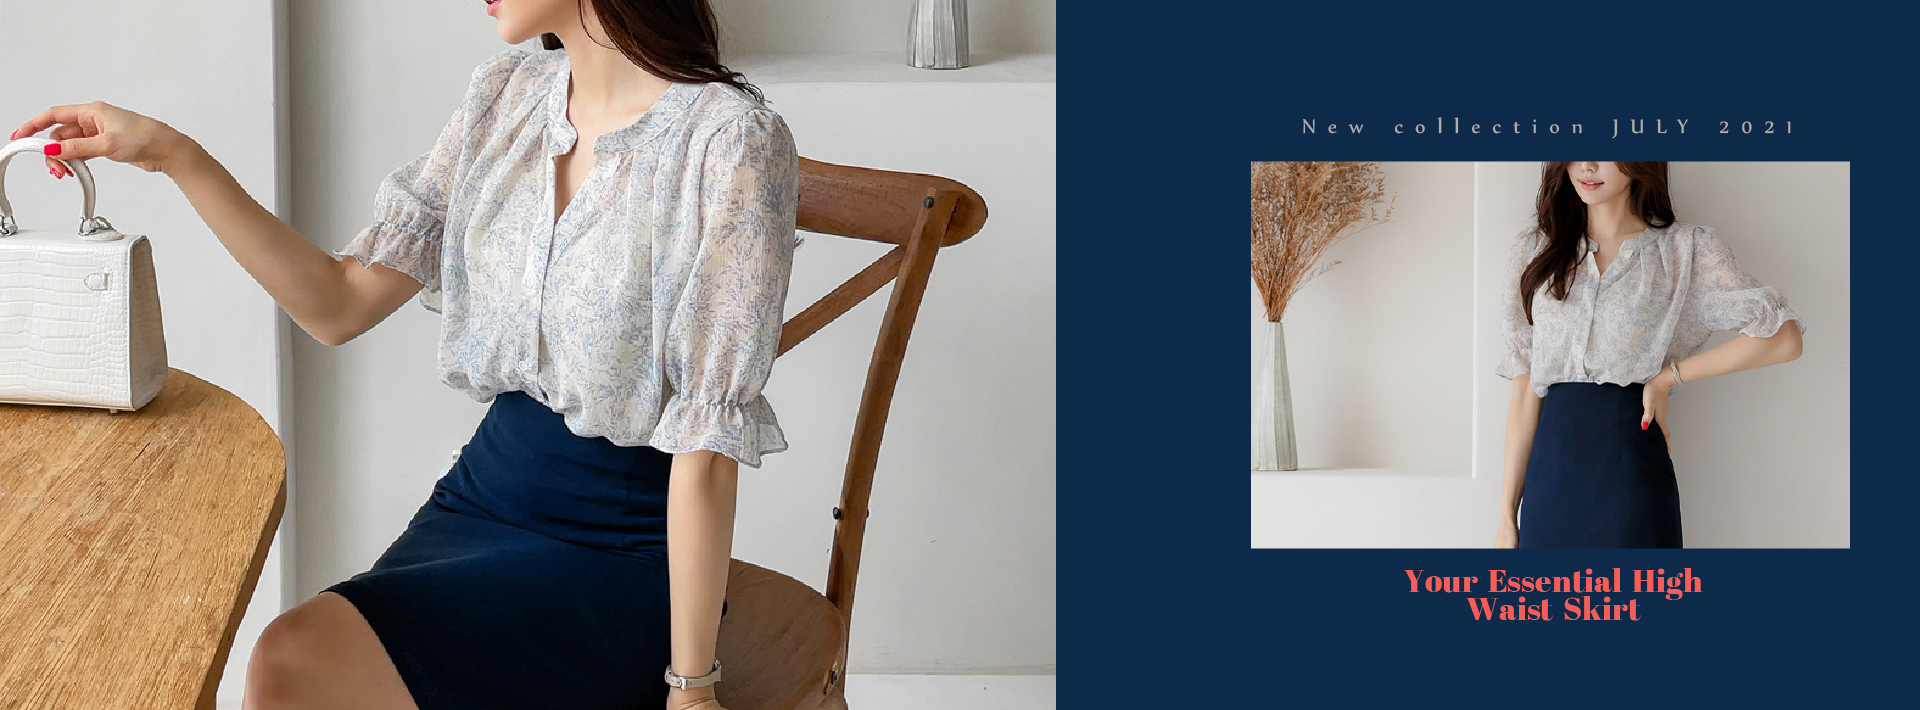 Chân váy công sở nữ đẹp | Mẫu mới về trên Andora